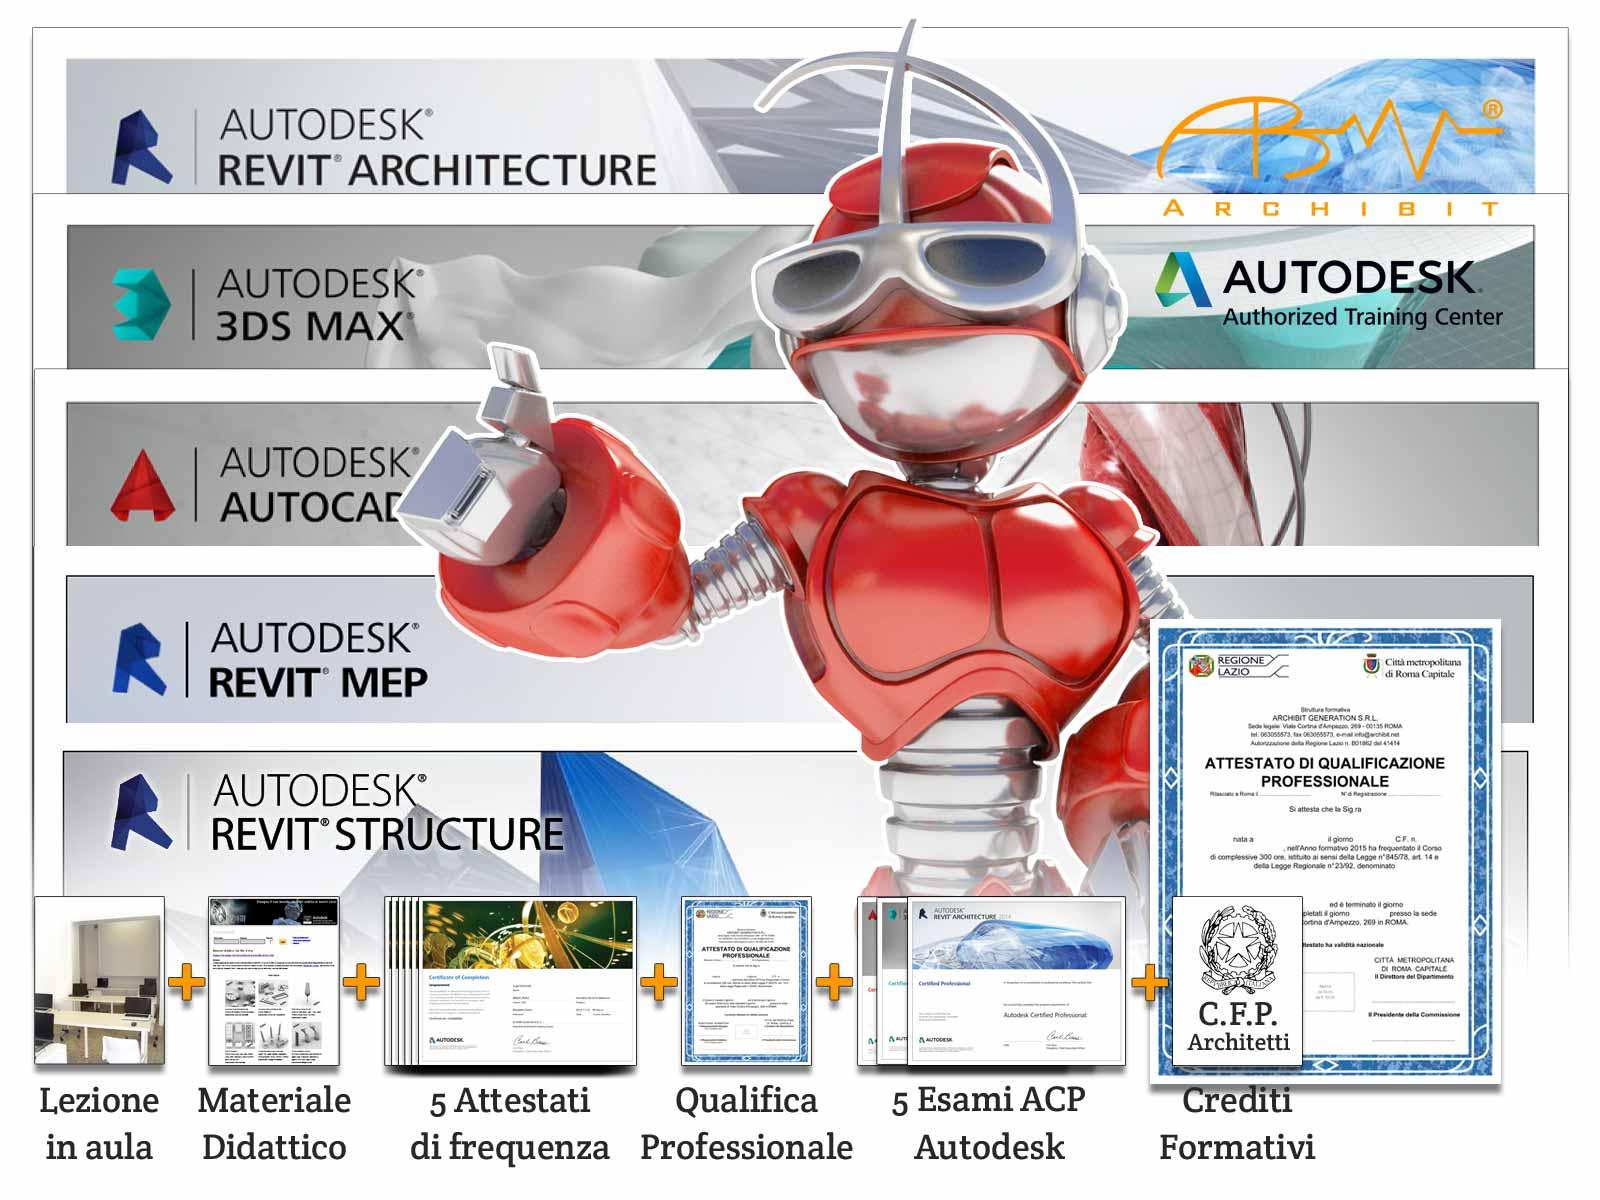 corso-tecnico-disegno-edile-master-archibit-autodesk-adobe-qualifica-professionale-regione-lazio-certificazioni-professional-bim-cad-revit-structure-mep-3ds-max--corsi-grafica-modellazione-3D-roma